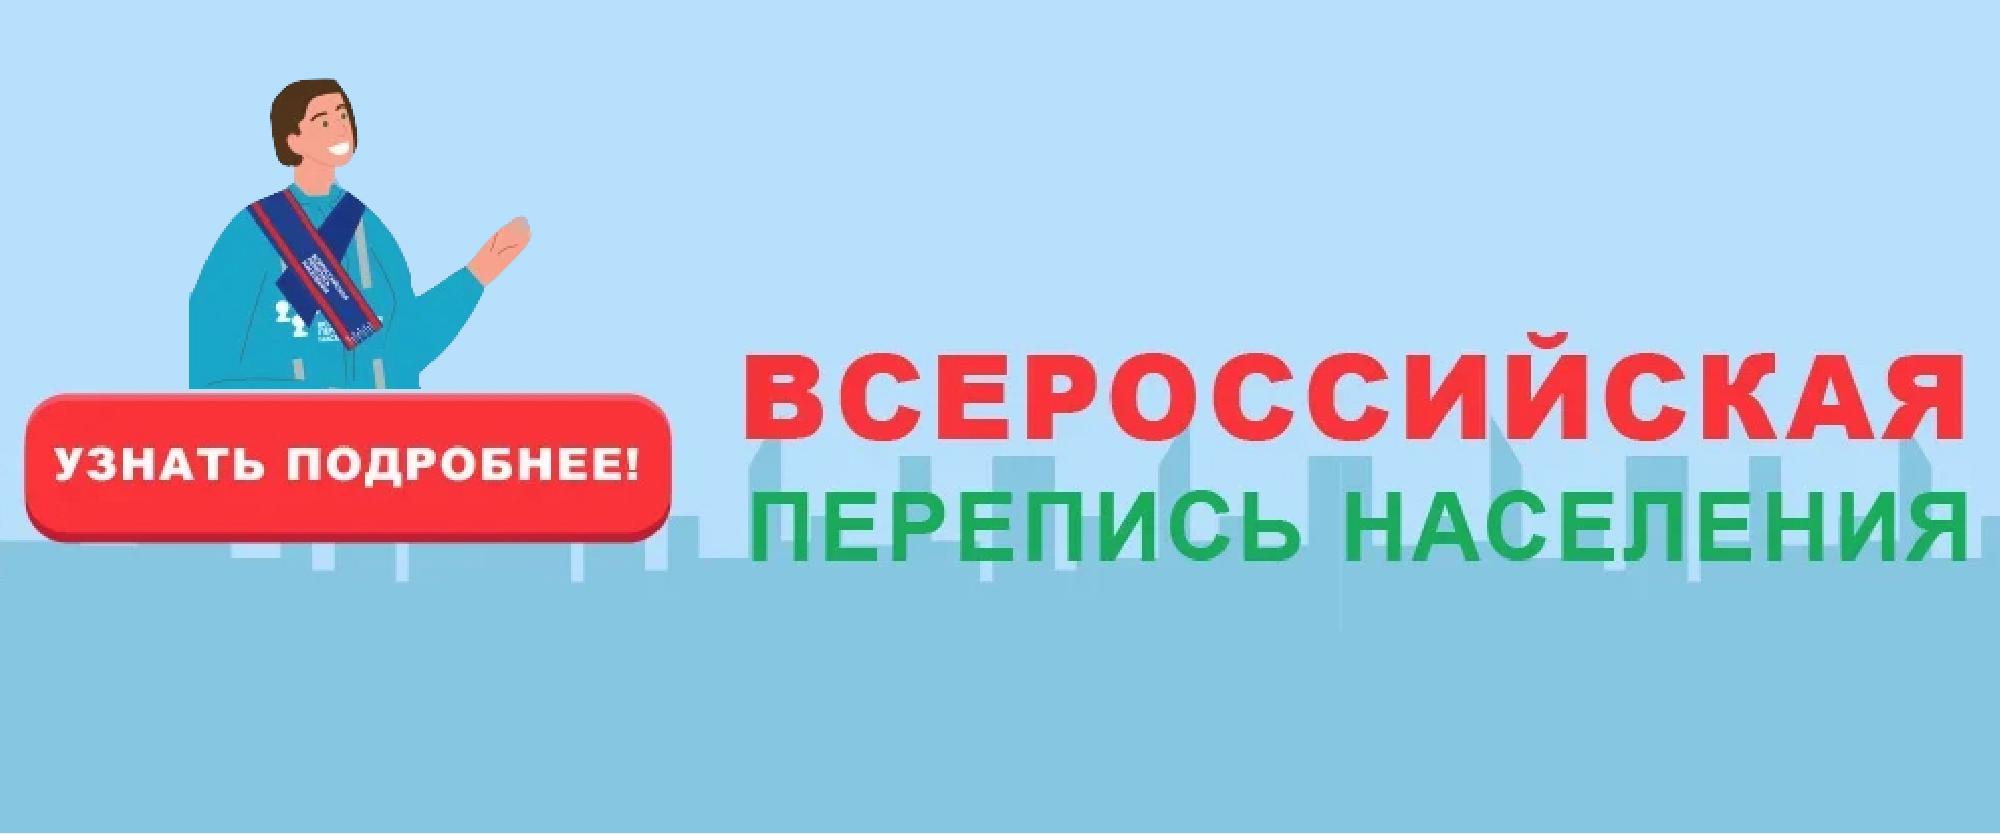 Всероссийская перепись населения_баннер